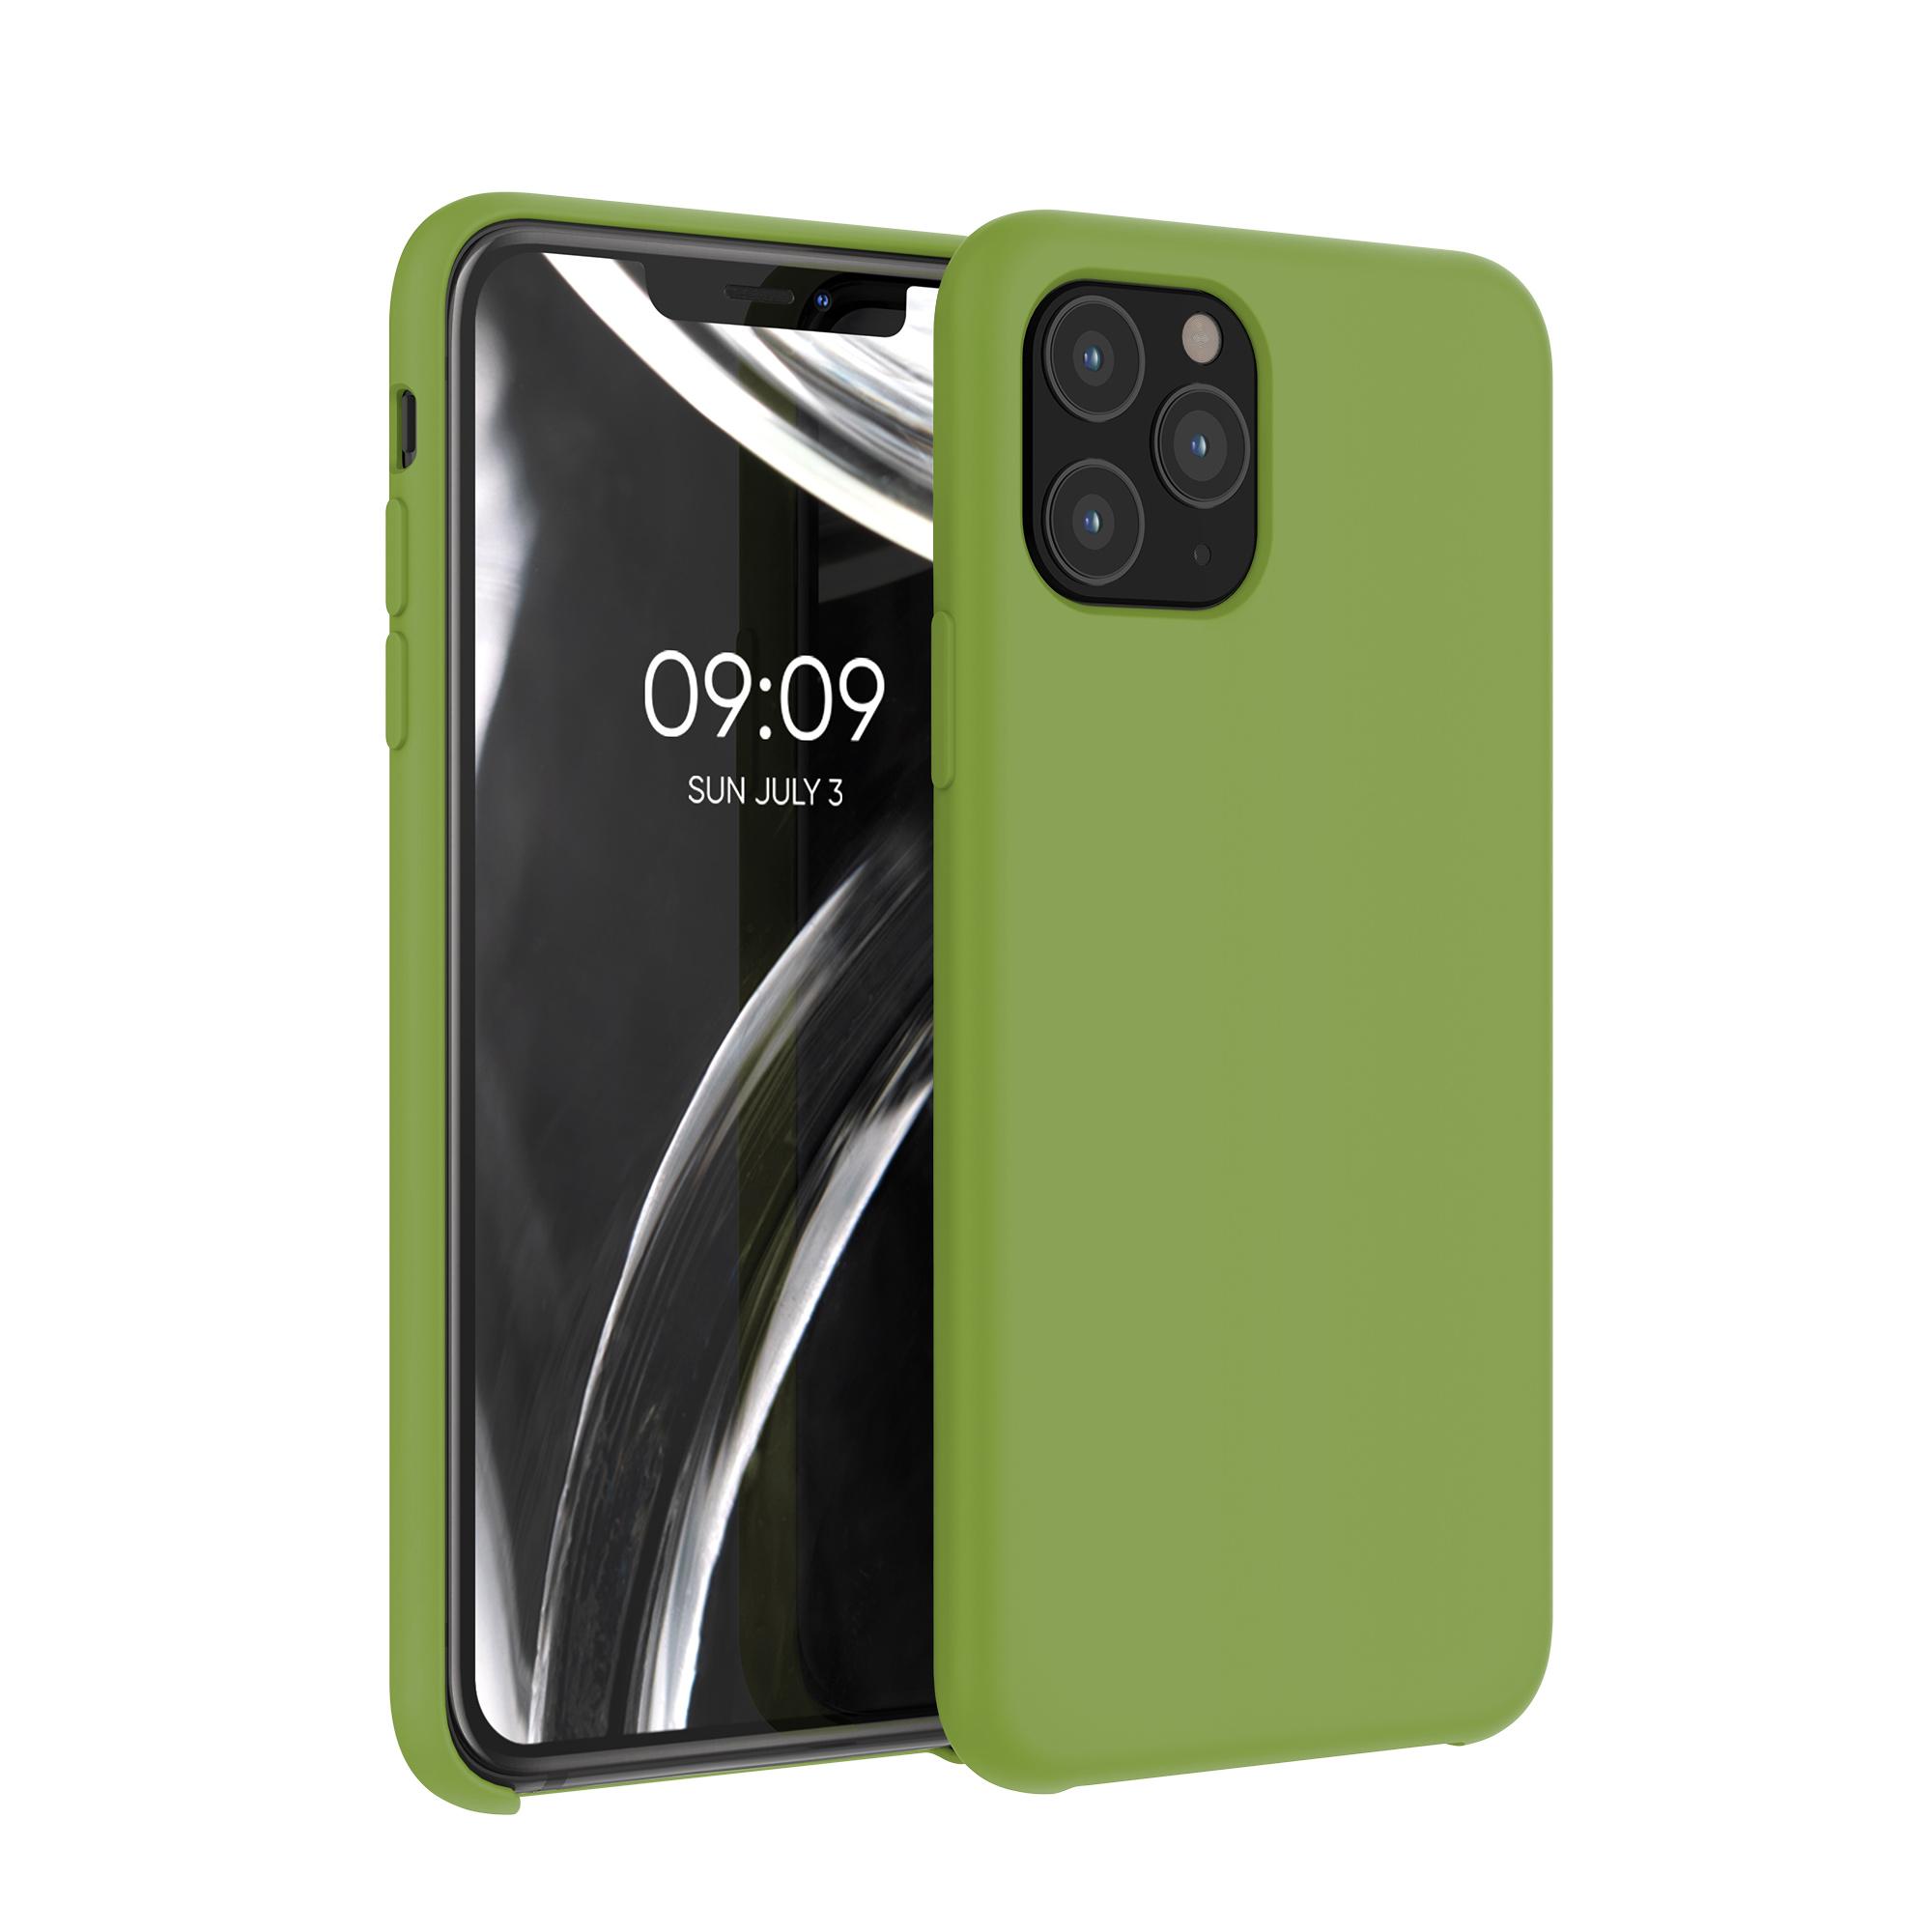 Kvalitní silikonové TPU pouzdro pro Apple iPhone 11 Pro - Pale Olive Green